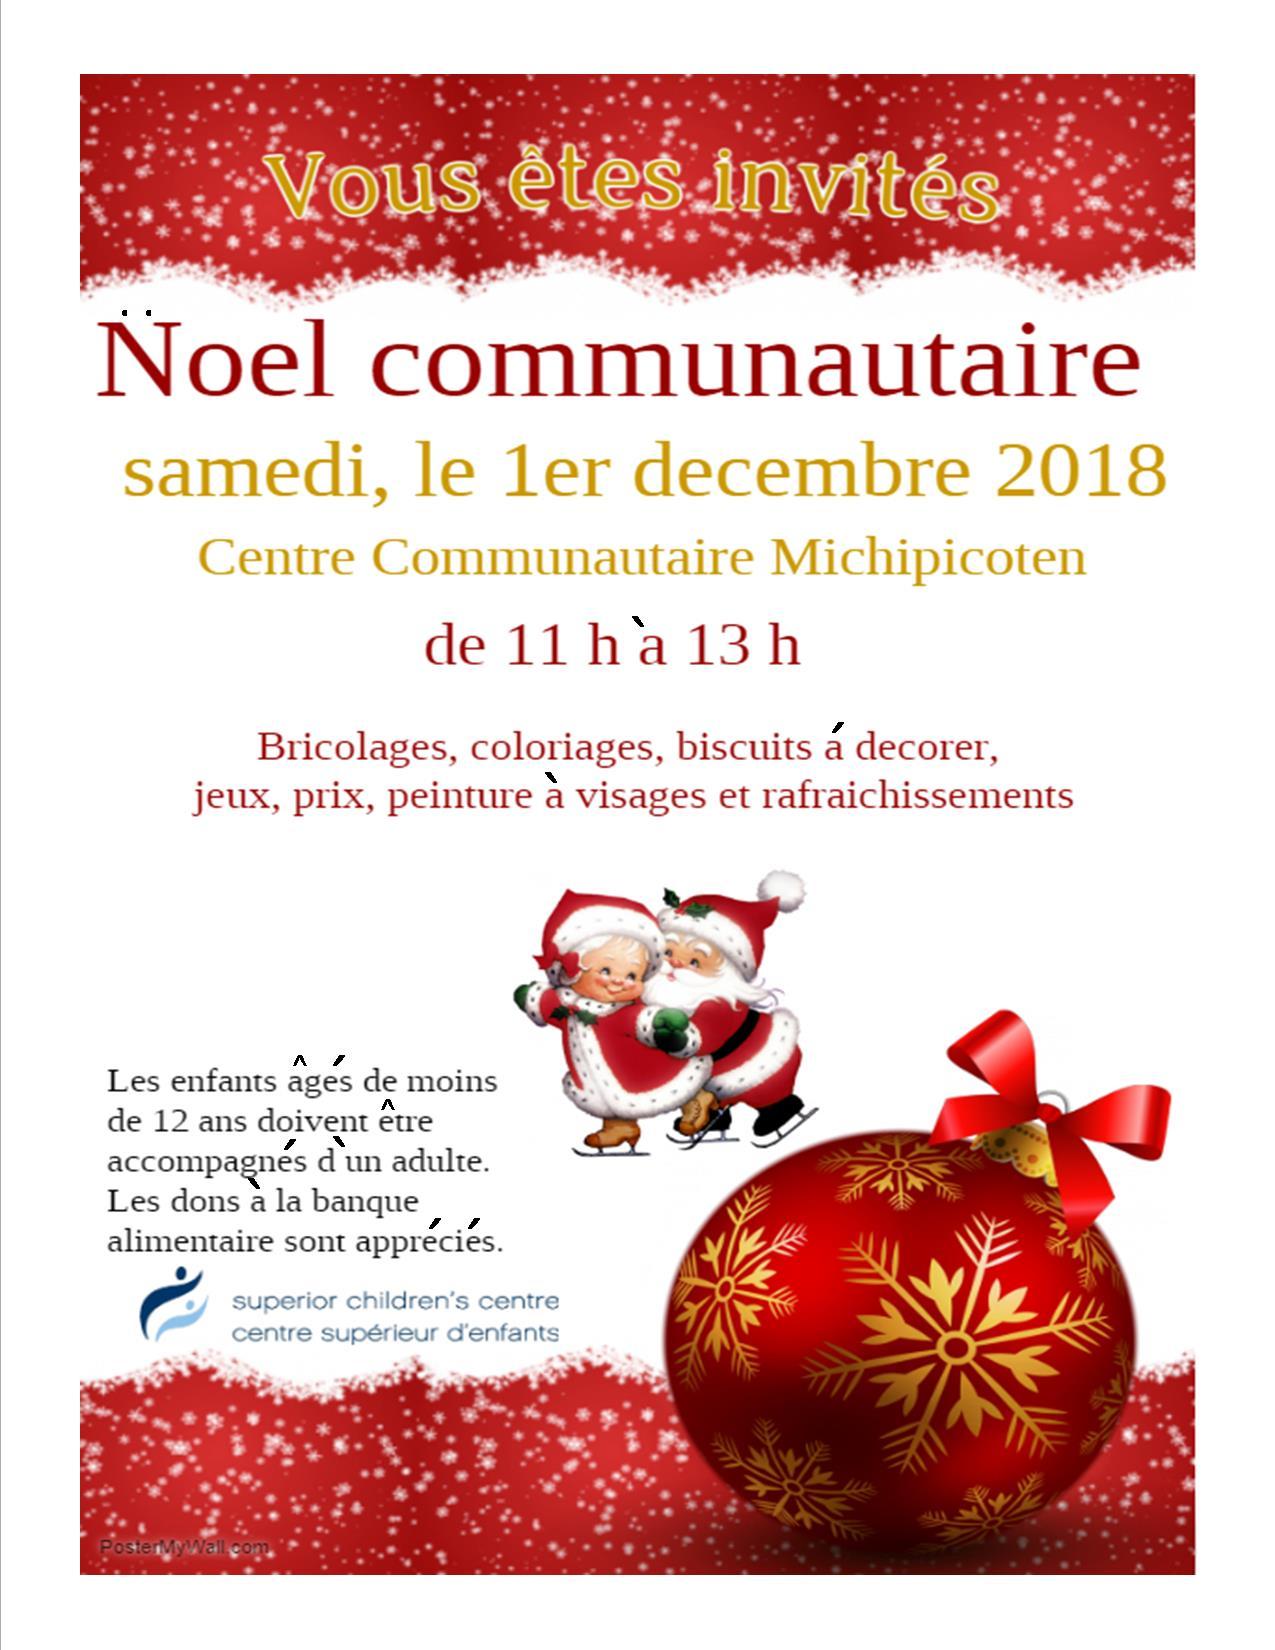 Noel communautaire 2018 – Wawa-news.com